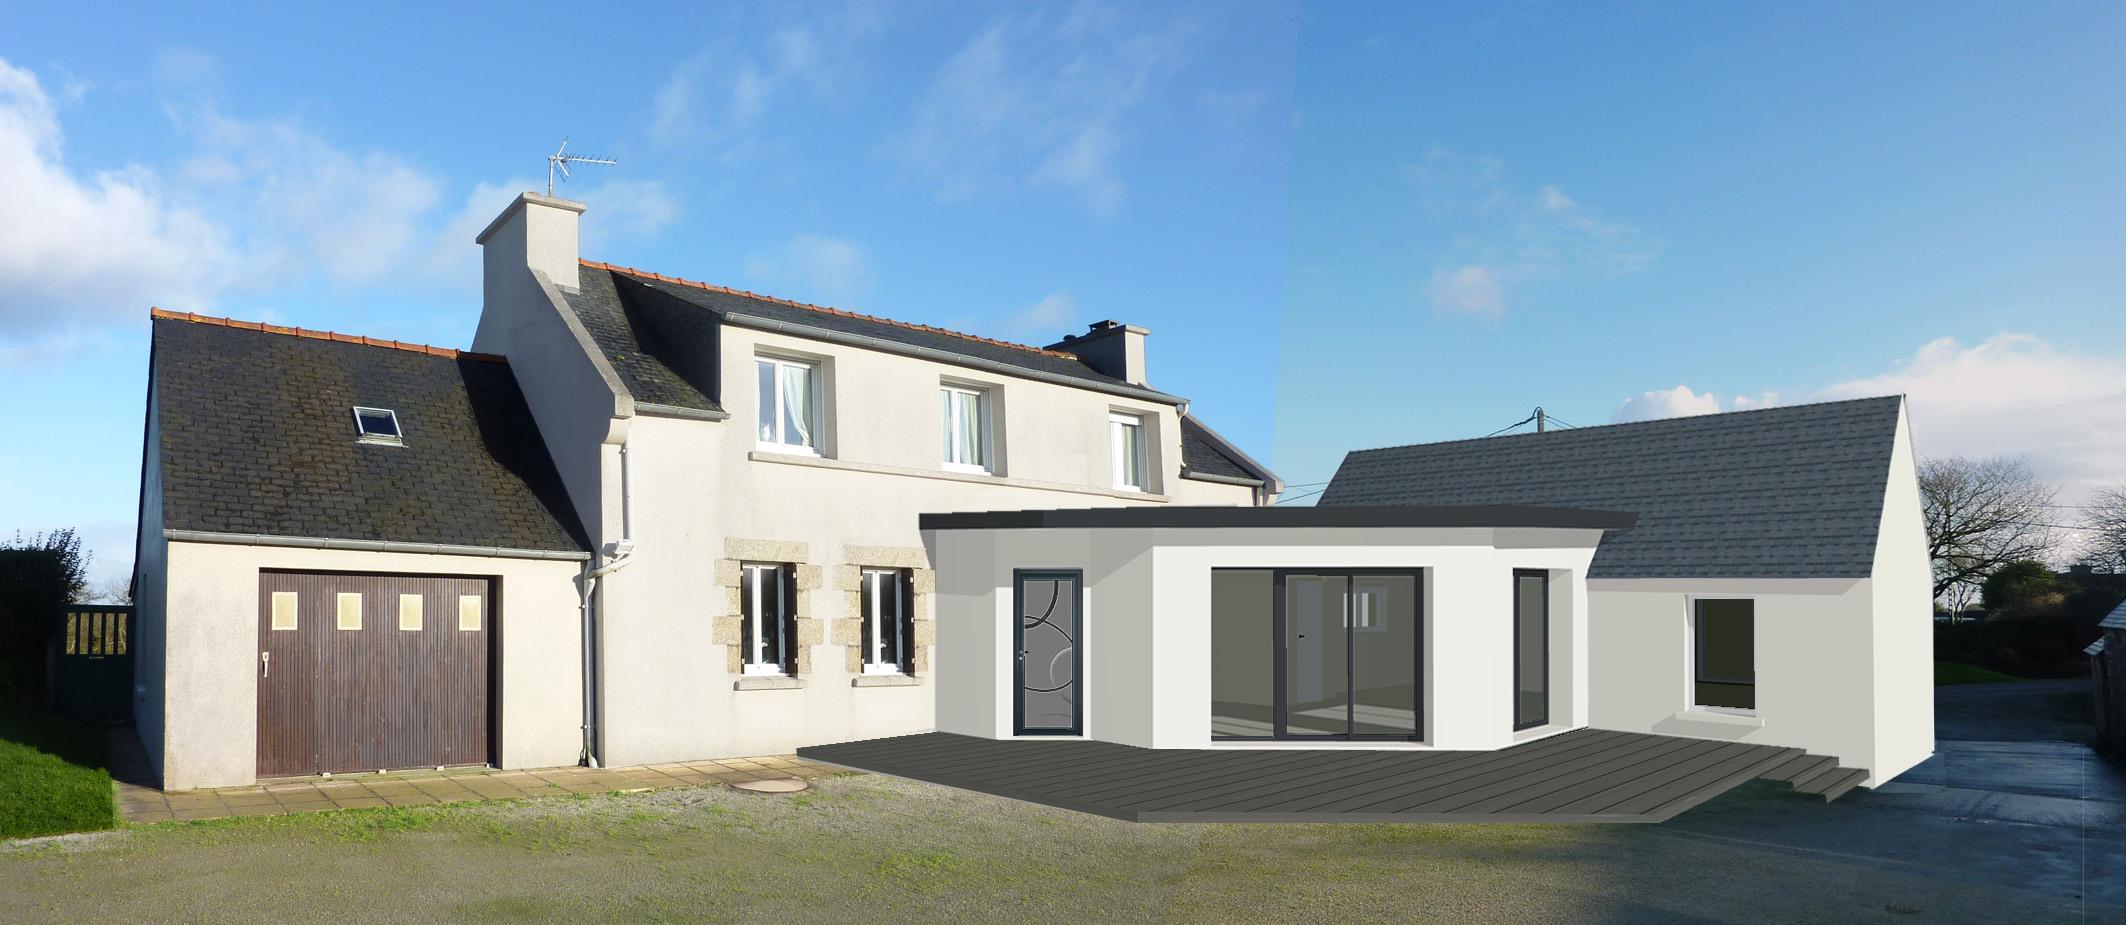 dependance d une maison - lumi re et modernit pour cette extension reliant une